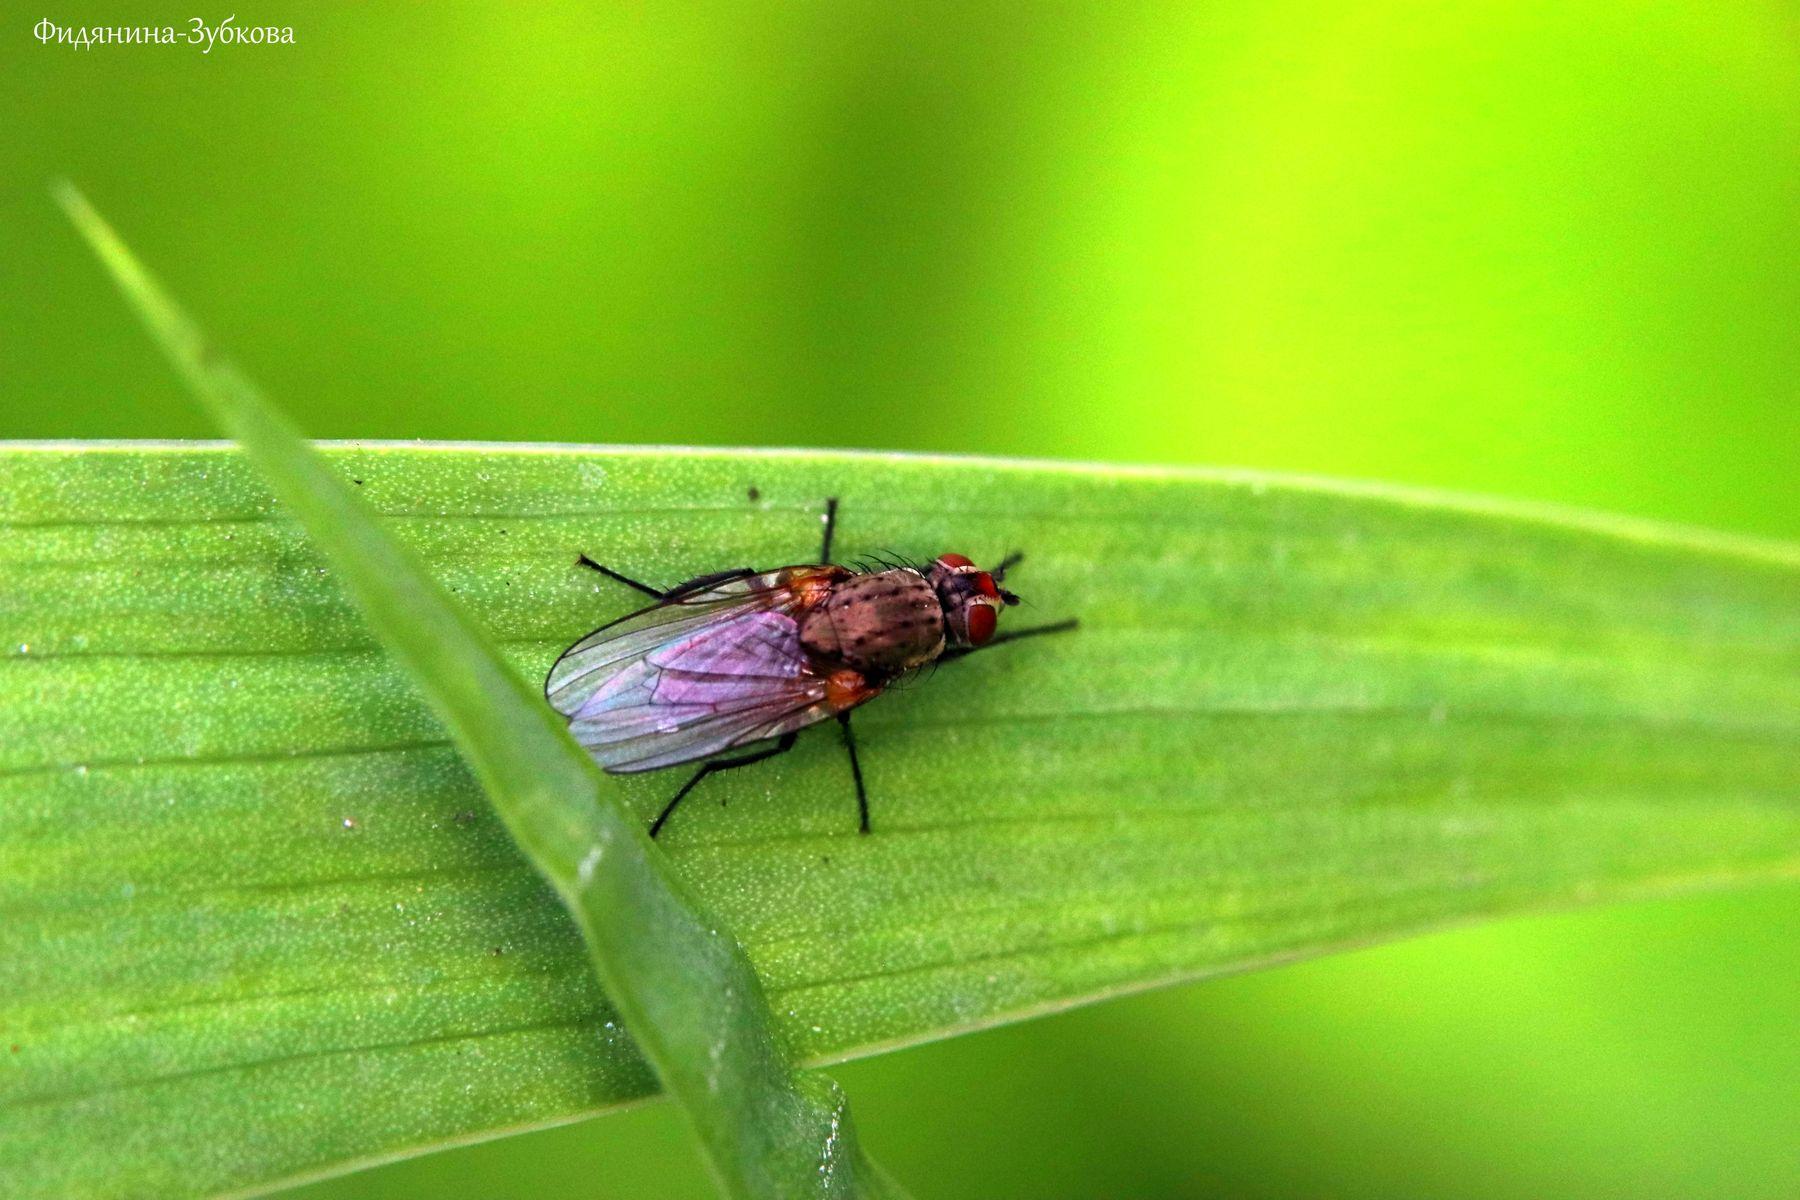 Комнатная муха на узком листе